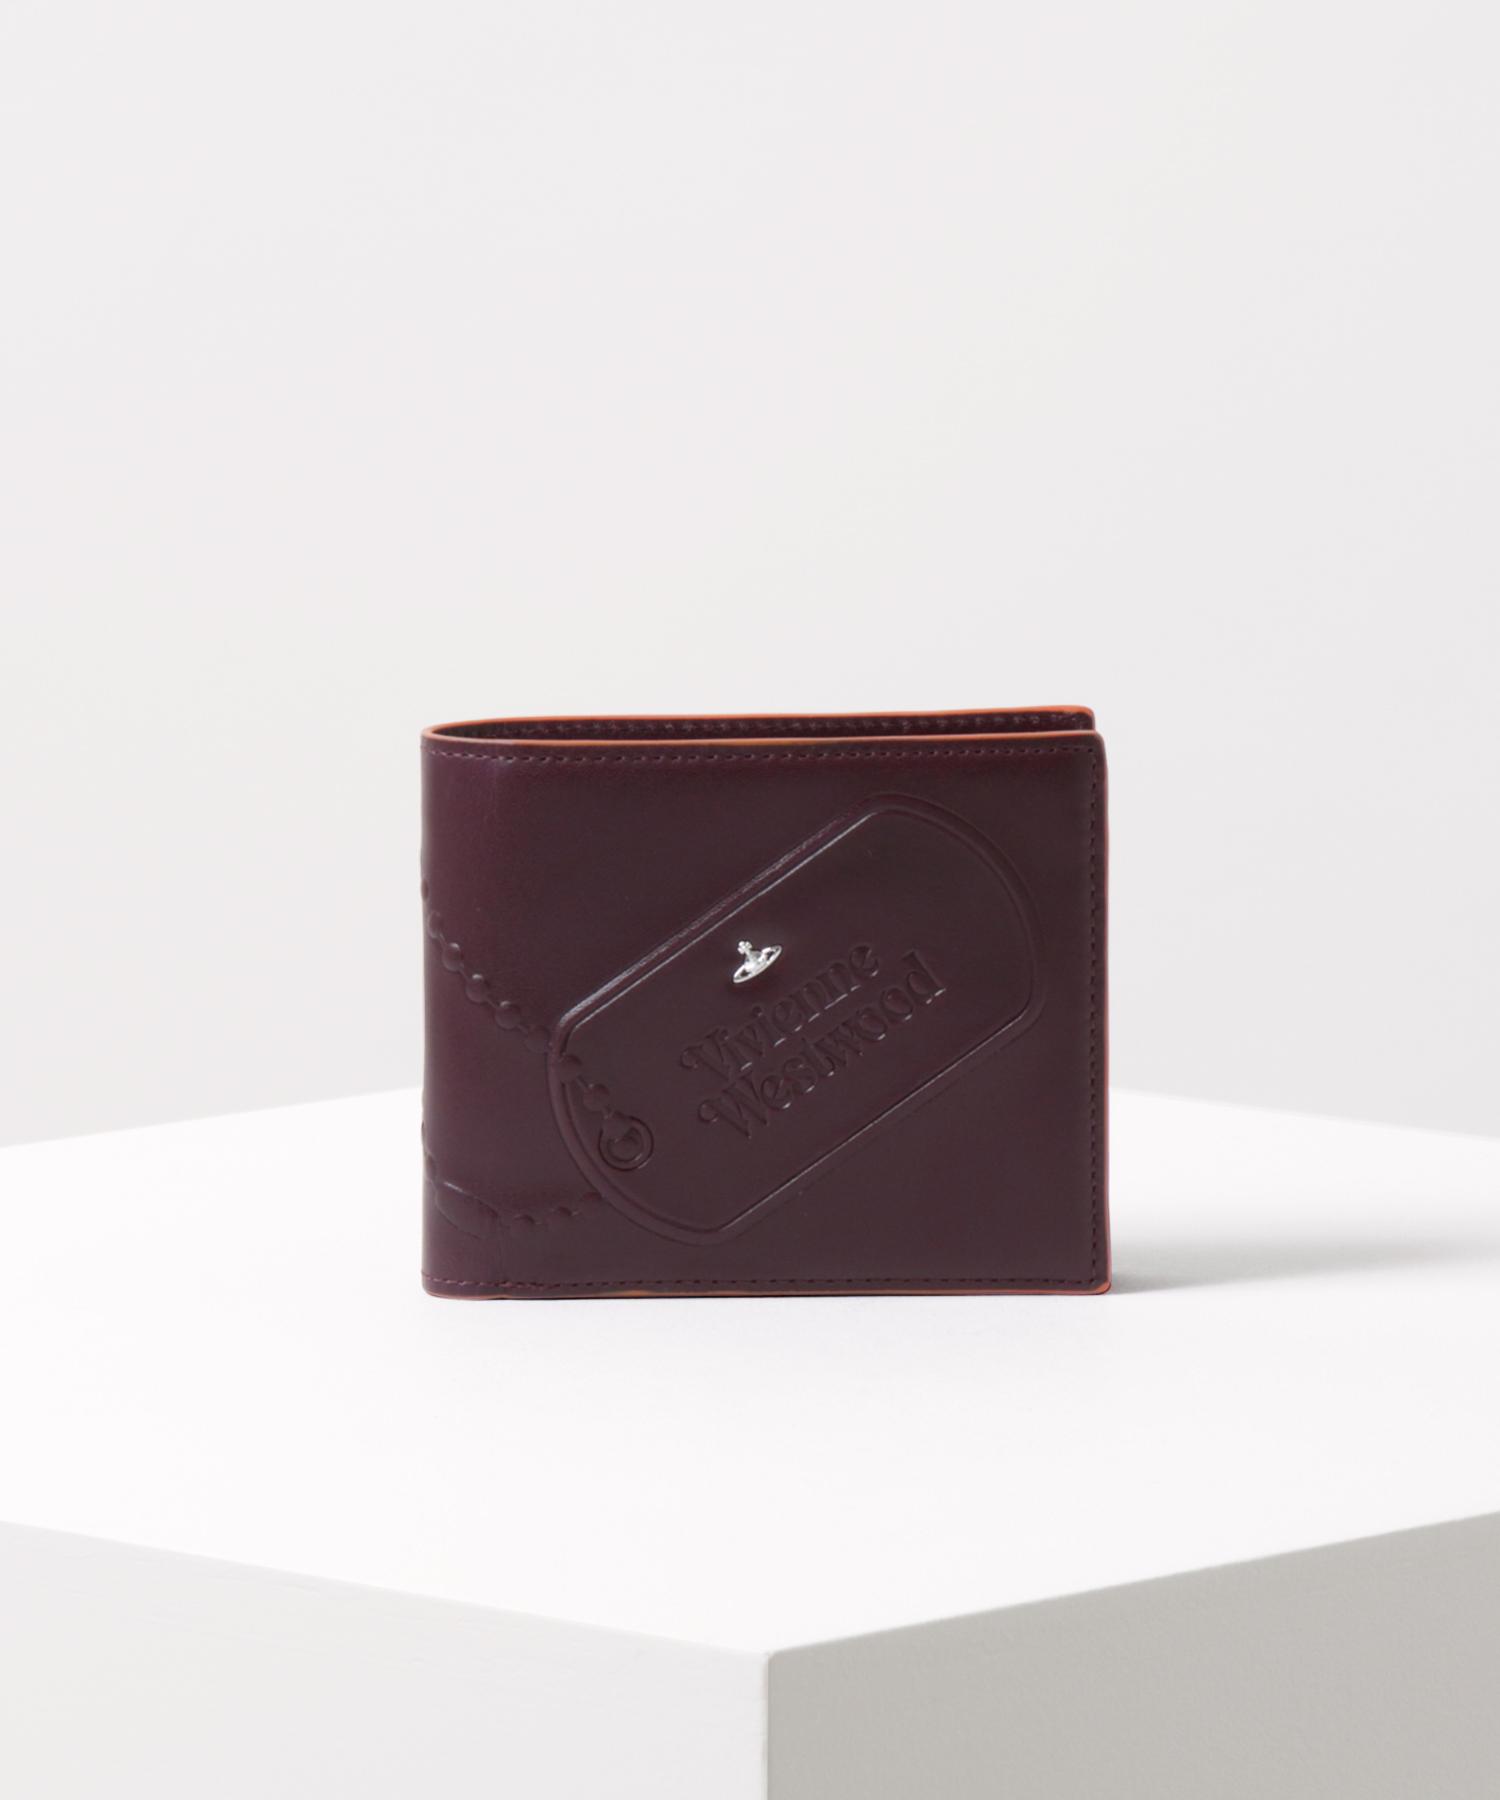 ビビアンウエストウッド 二つ折り財布 ワインレッド